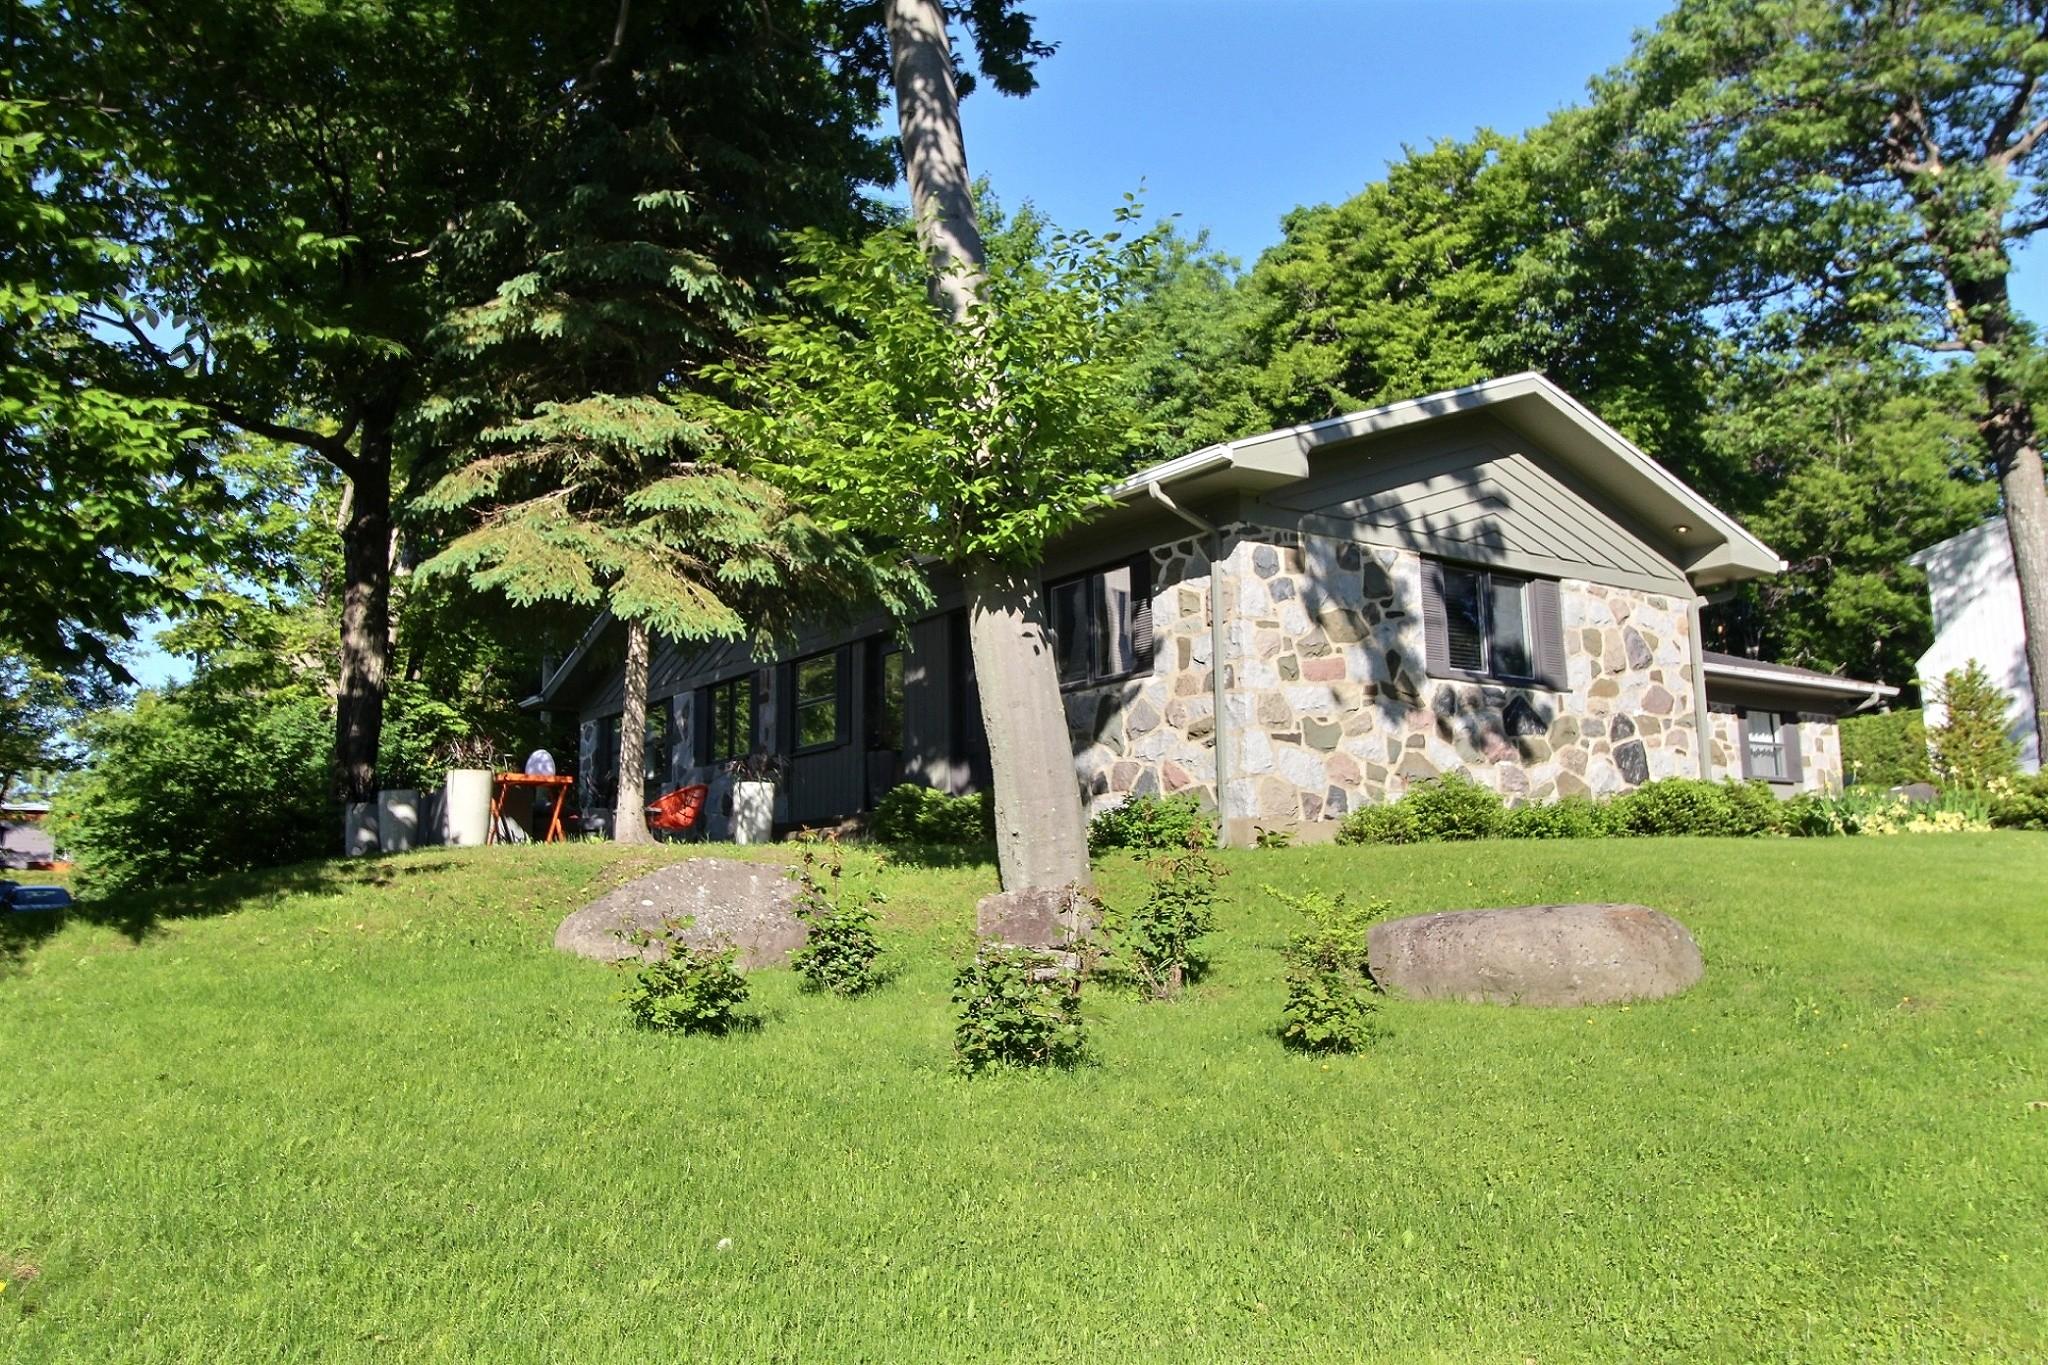 Maison à vendre Québec secteur St-Louis 3018 Rue de la Promenade (4).jpg